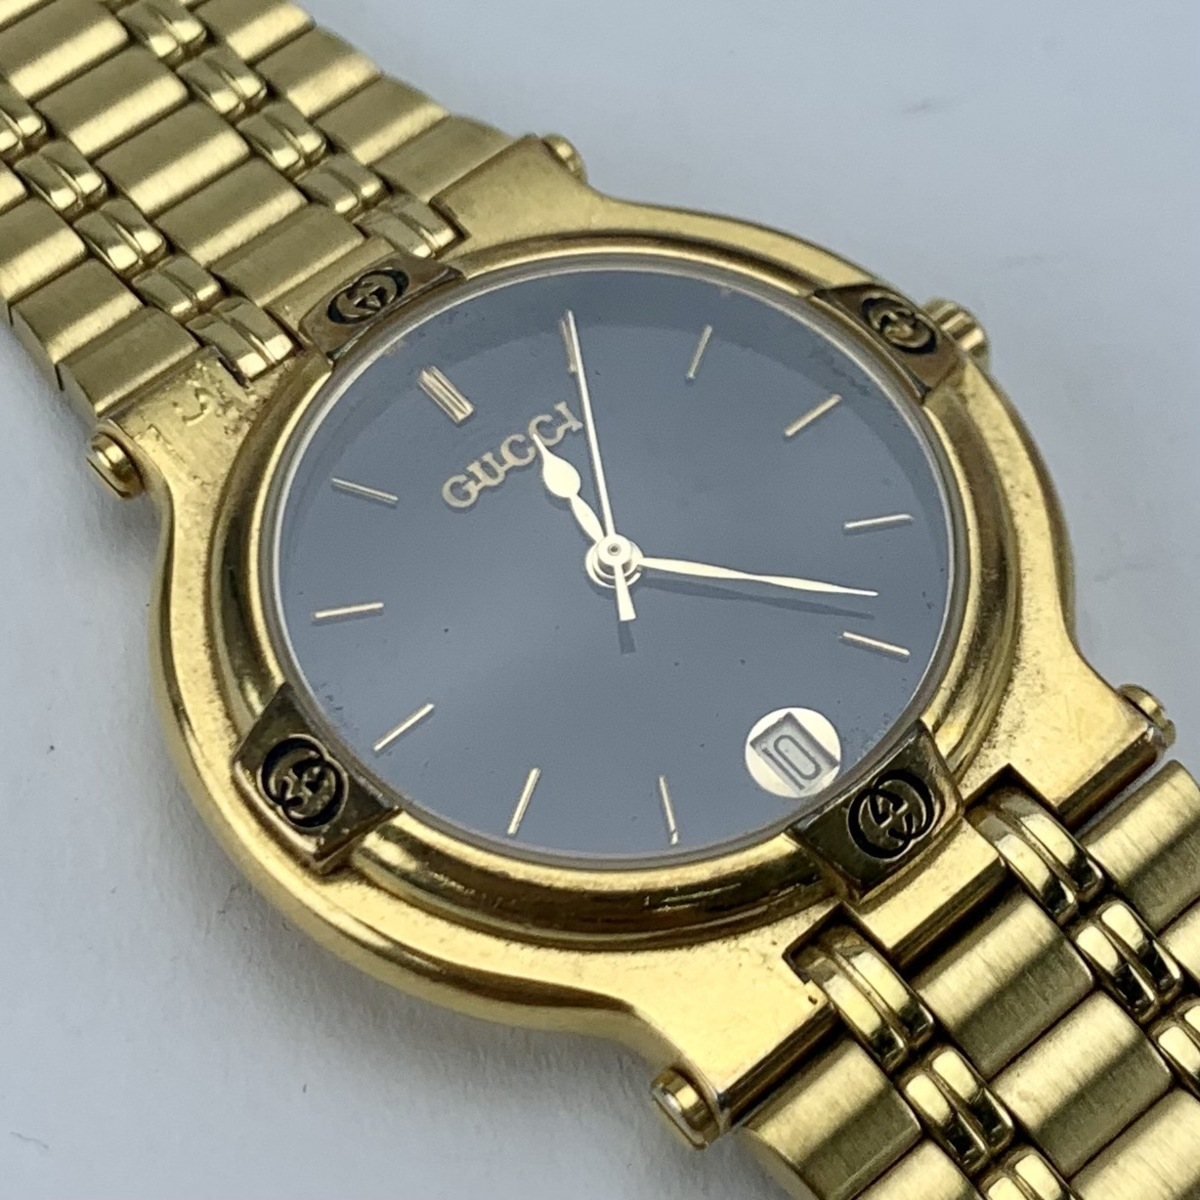 【美品】GUCCI グッチ・ゴールド 腕時計 文字盤ブラック デイ レディース